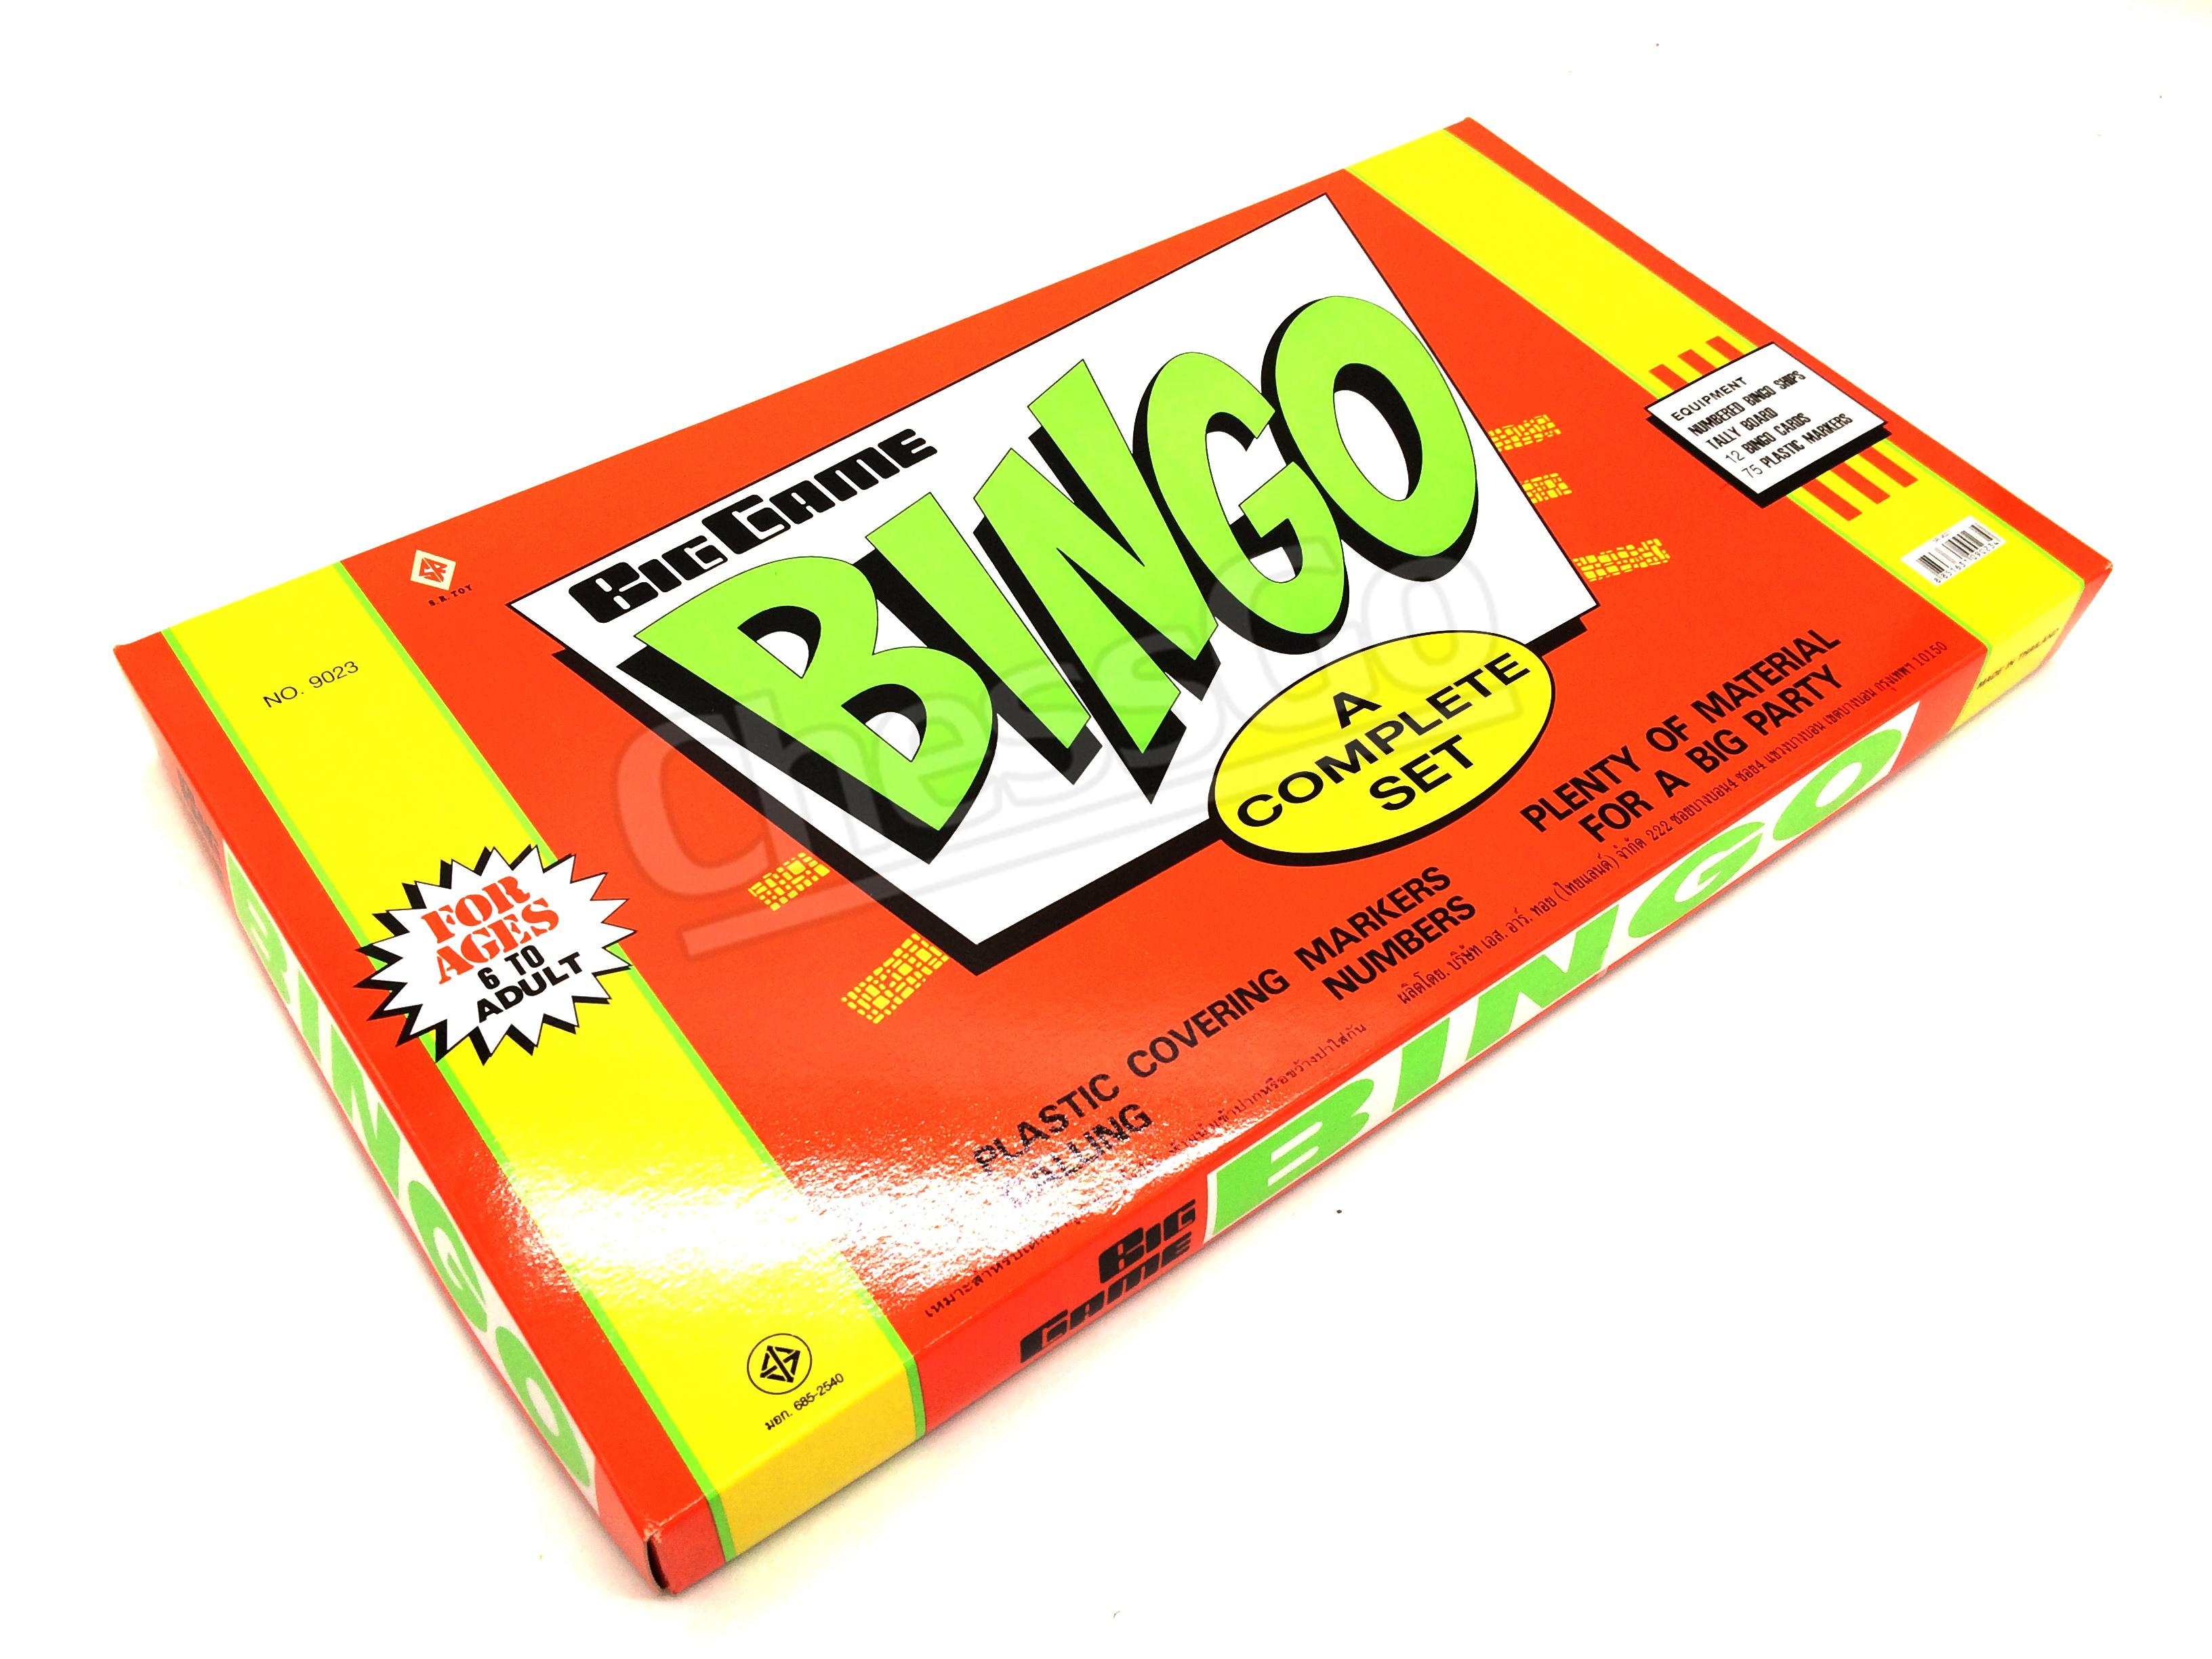 เกมบิงโก Bingo